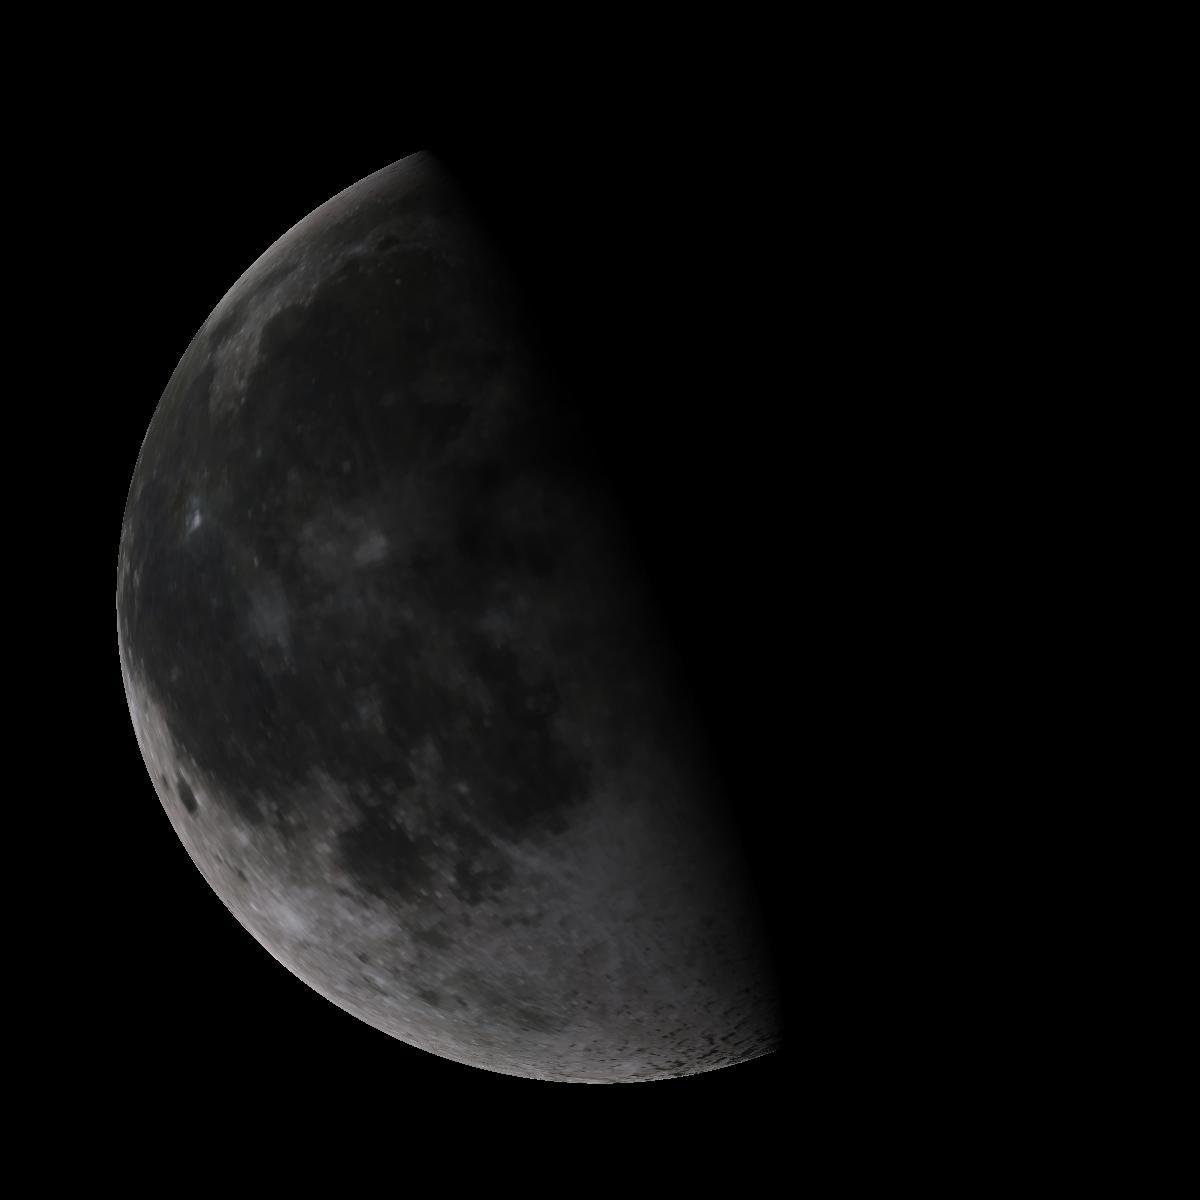 Lune du 17 janvier 2020